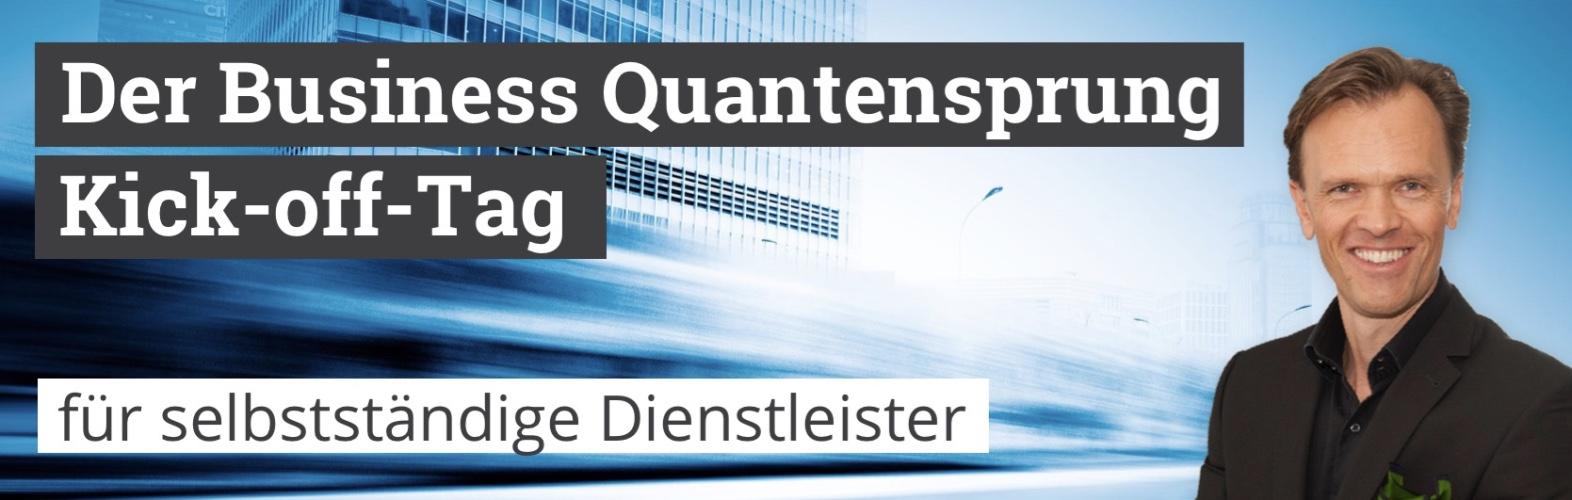 Business Quantensprung Kick off Tag - Roman Kmenta, Unternehmer, Vortragender und Autor